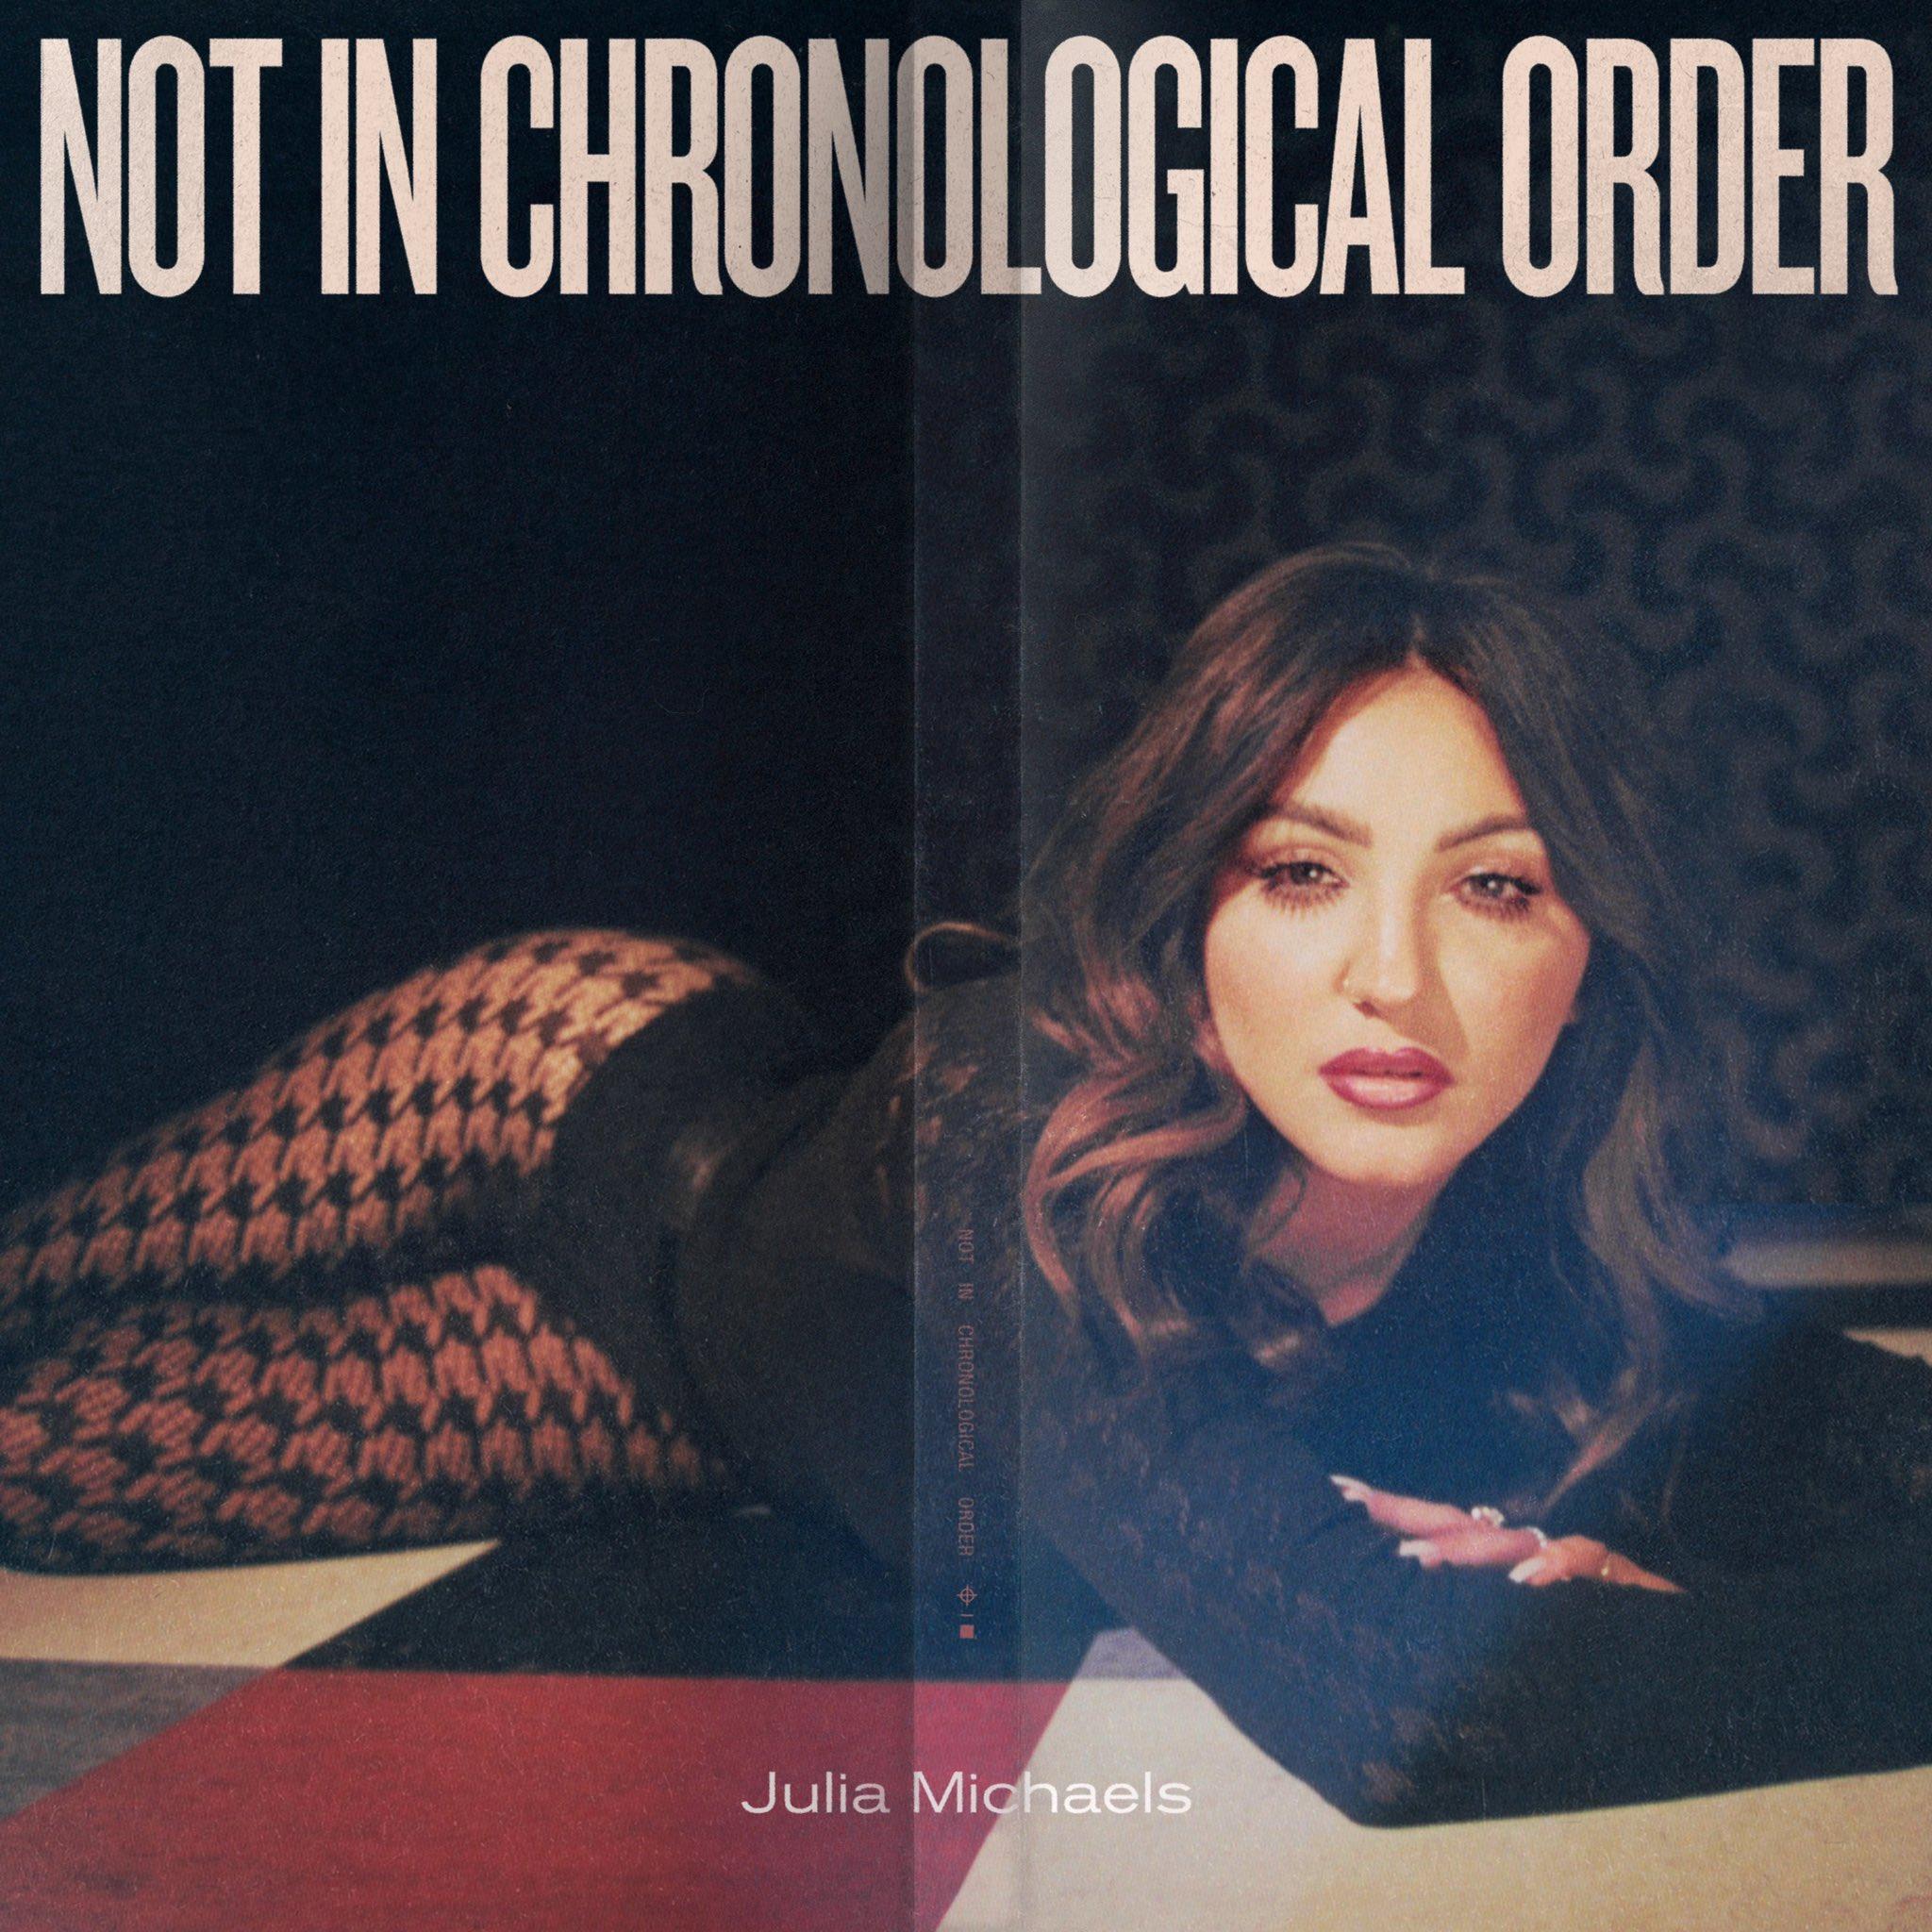 julia michaels artwork album not in chronological order